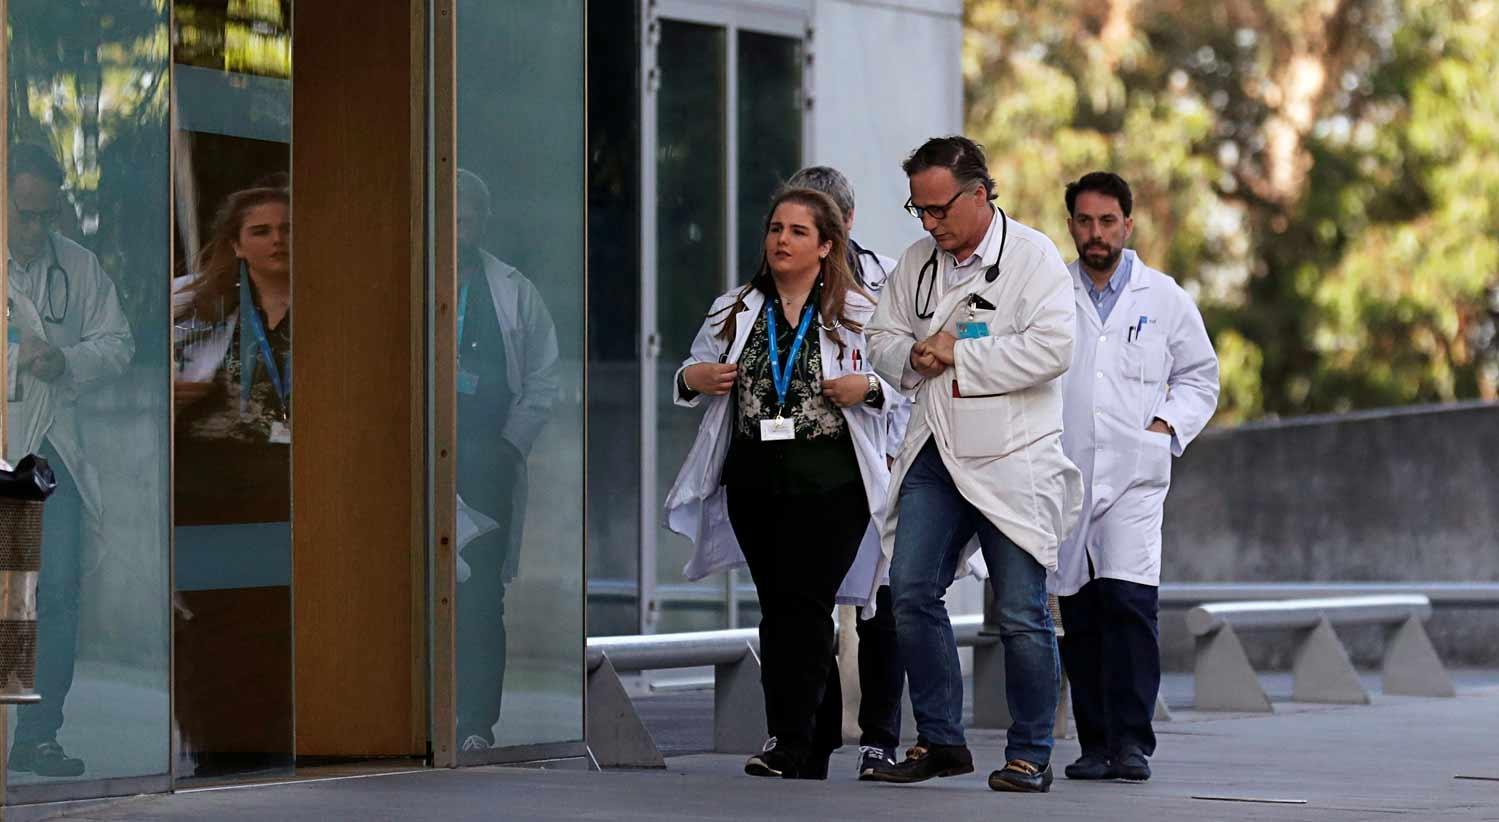 Médicos. Faltam especialistas e acesso à especialidade continua difícil